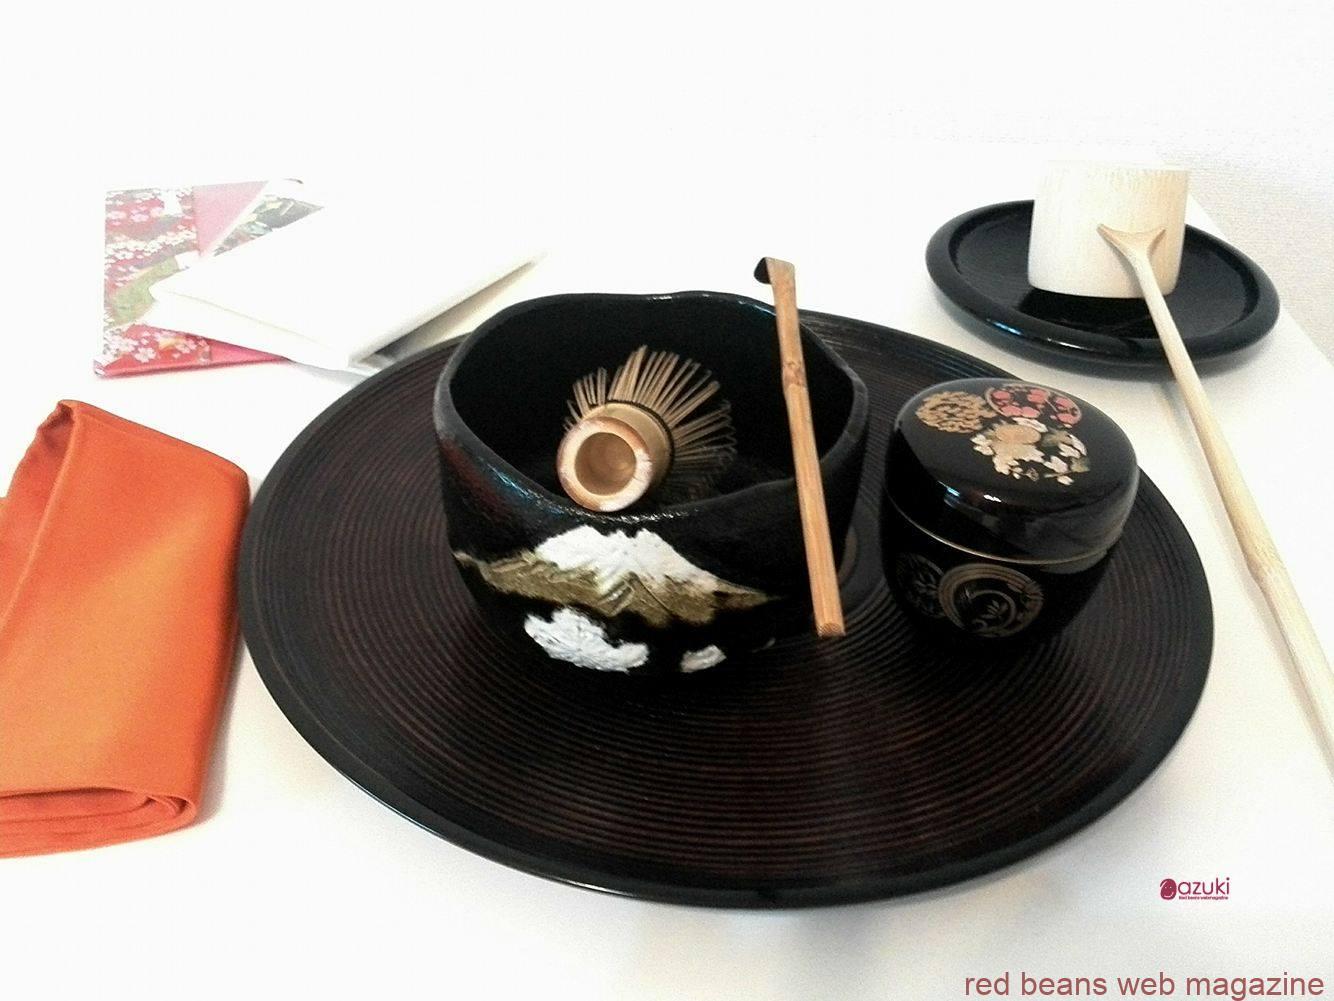 抹茶(maccha)のえらびかたと、茶道具について(11/11macchaとazukiイベントの解説)